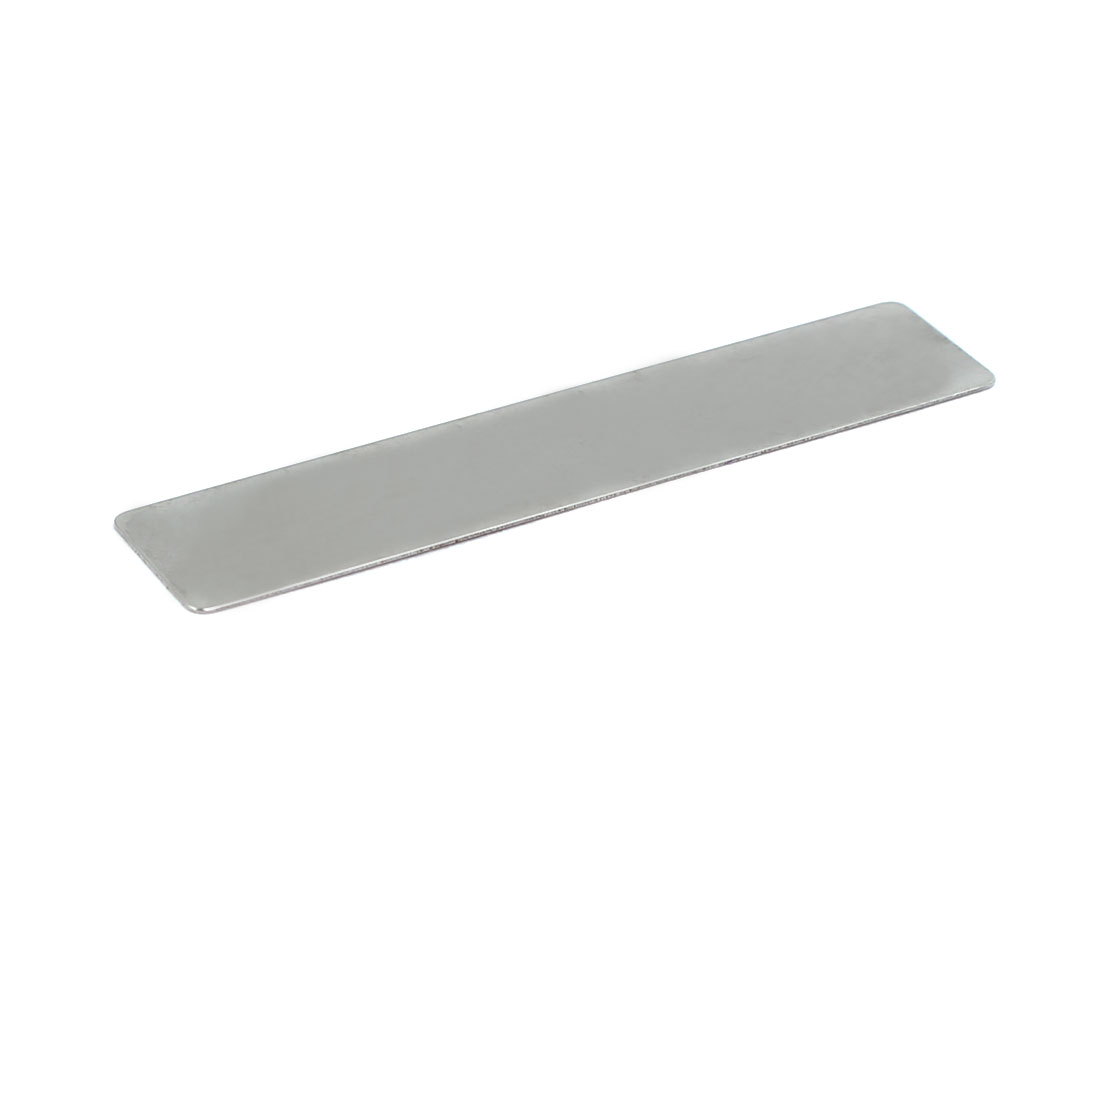 47mmx10mmx0.1mm Steel Air Compressor Valve Plate